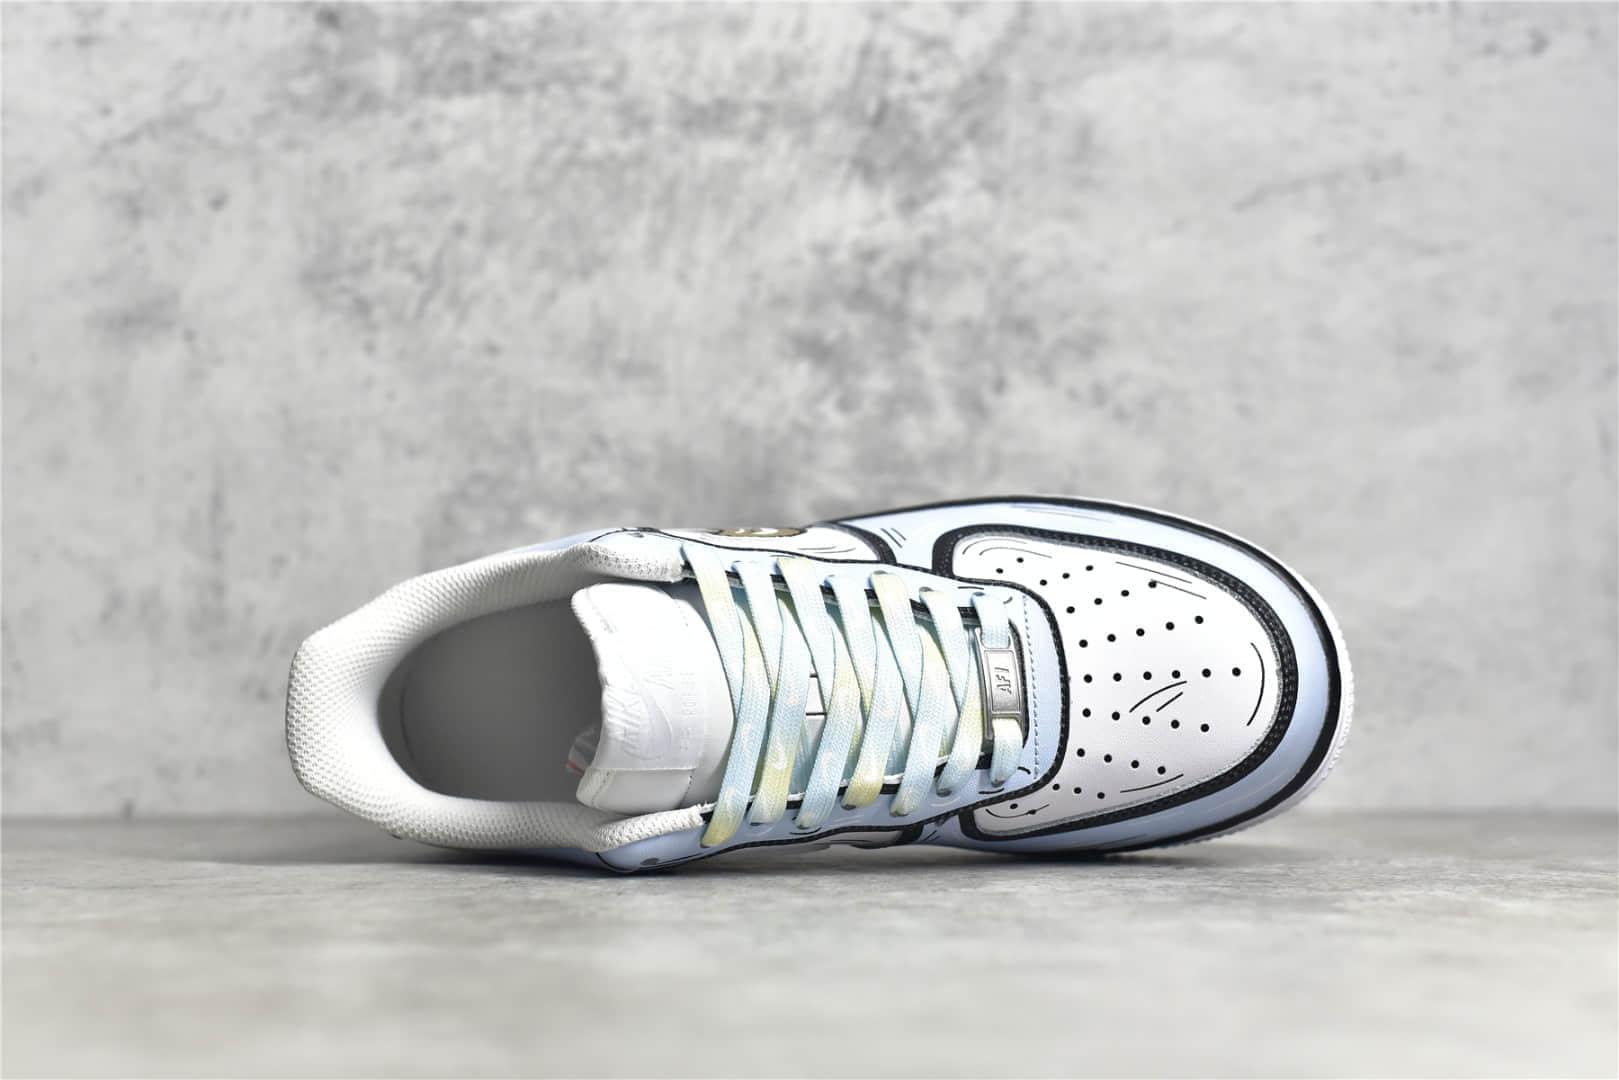 耐克空军冰雪奇缘涂鸦 Nike Air Force 1'07 Low 莆田耐克空军CJ纯原版本 二次元主题 货号:CW2288-212-潮流者之家